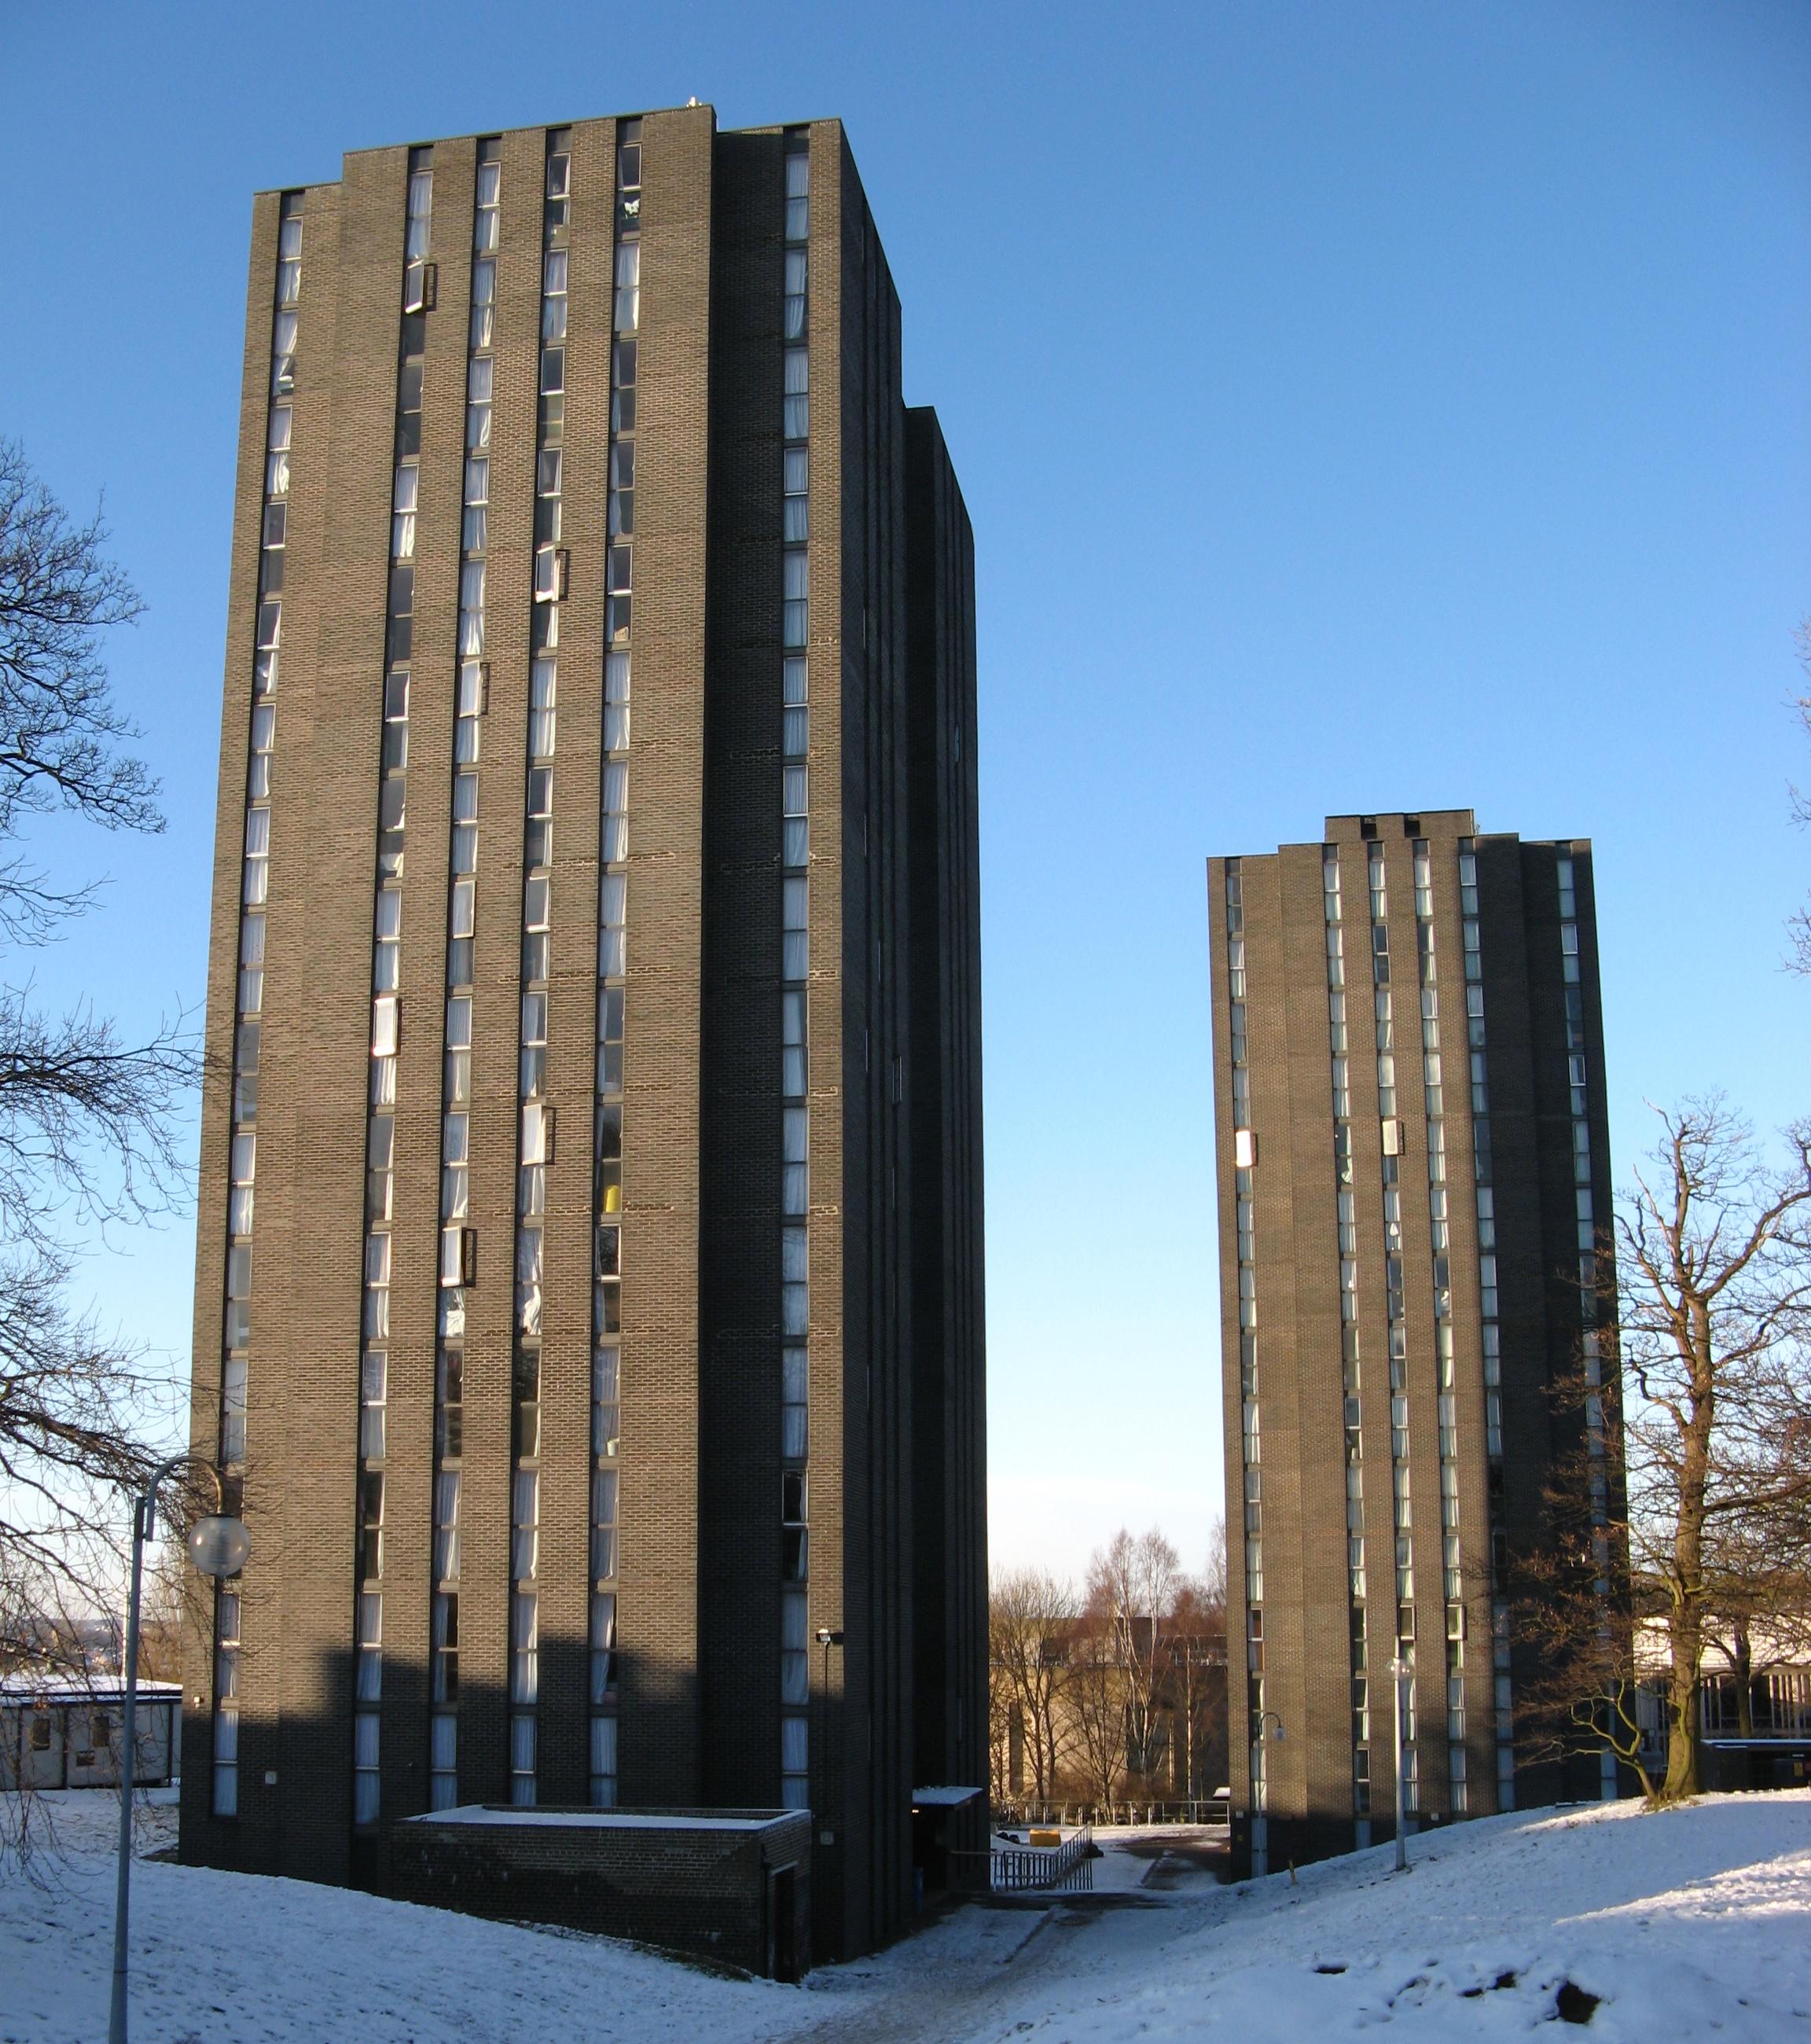 university of essex north towers address